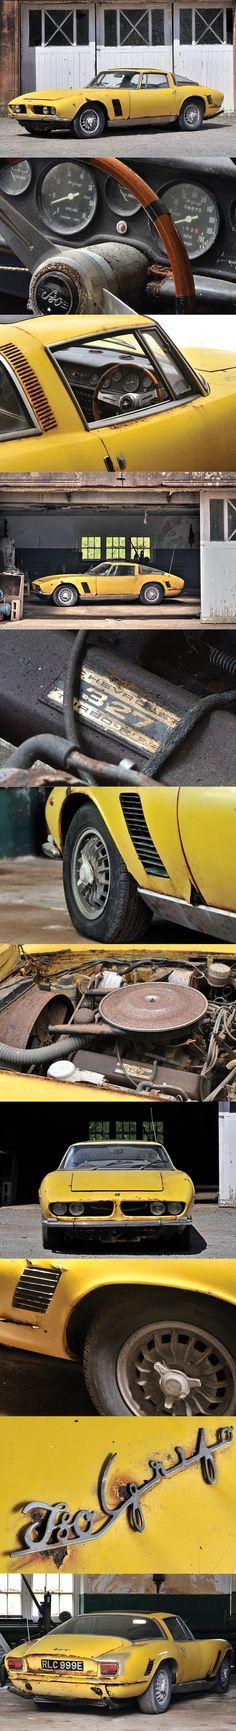 1967 Iso Grifo GL Series 1 / barfind / Giorgetto Giugiaro @ Bertone / 327 Chevrolet V8 / yellow / Italy